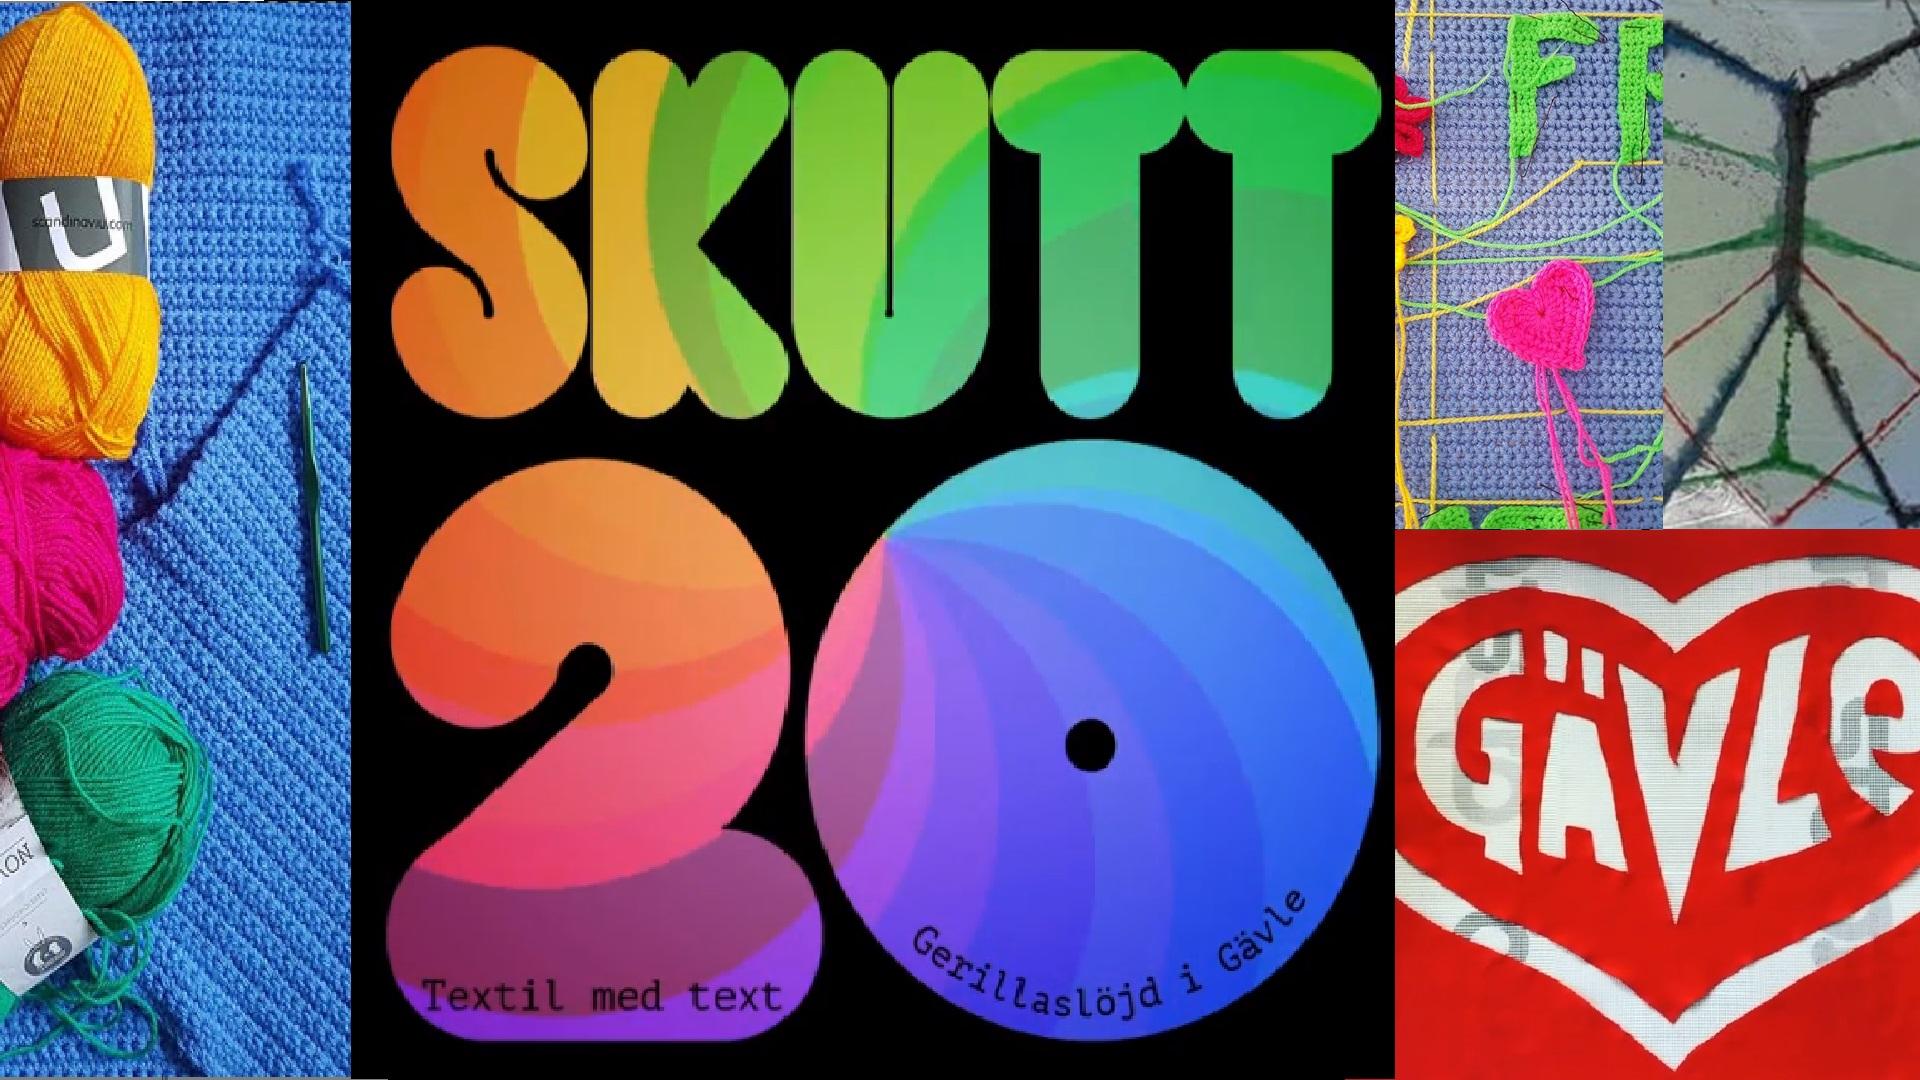 skutt20